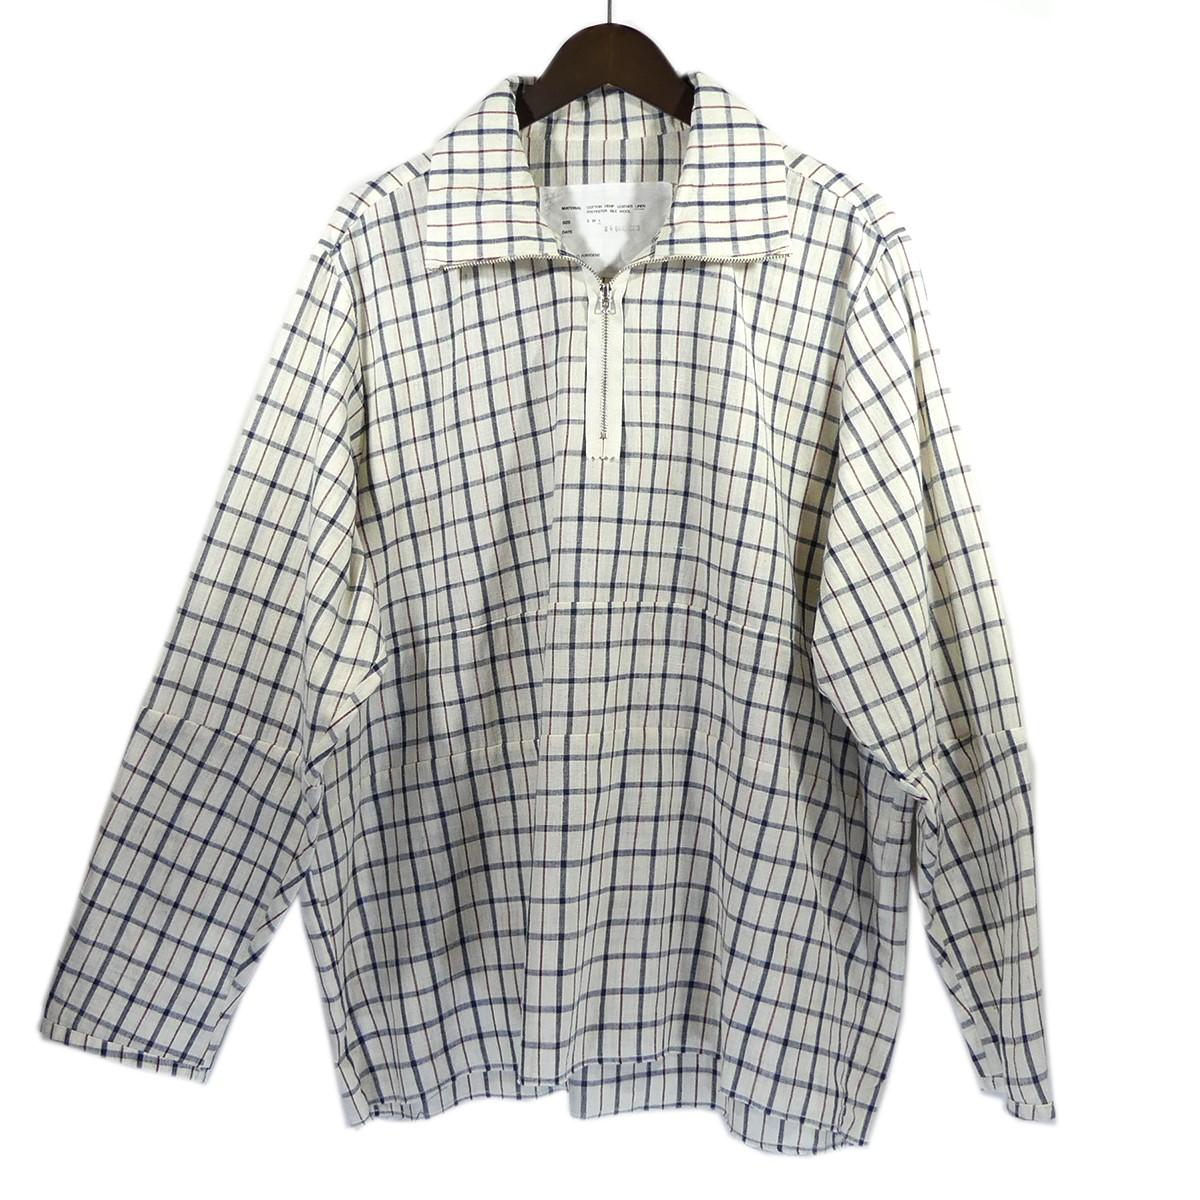 【中古】CAMIEL FORTGENS 19SS POLO TRACK SHIRTS ハーフジップチェックシャツ オフホワイト サイズ:L 【210420】(カミエルフォートヘンス)